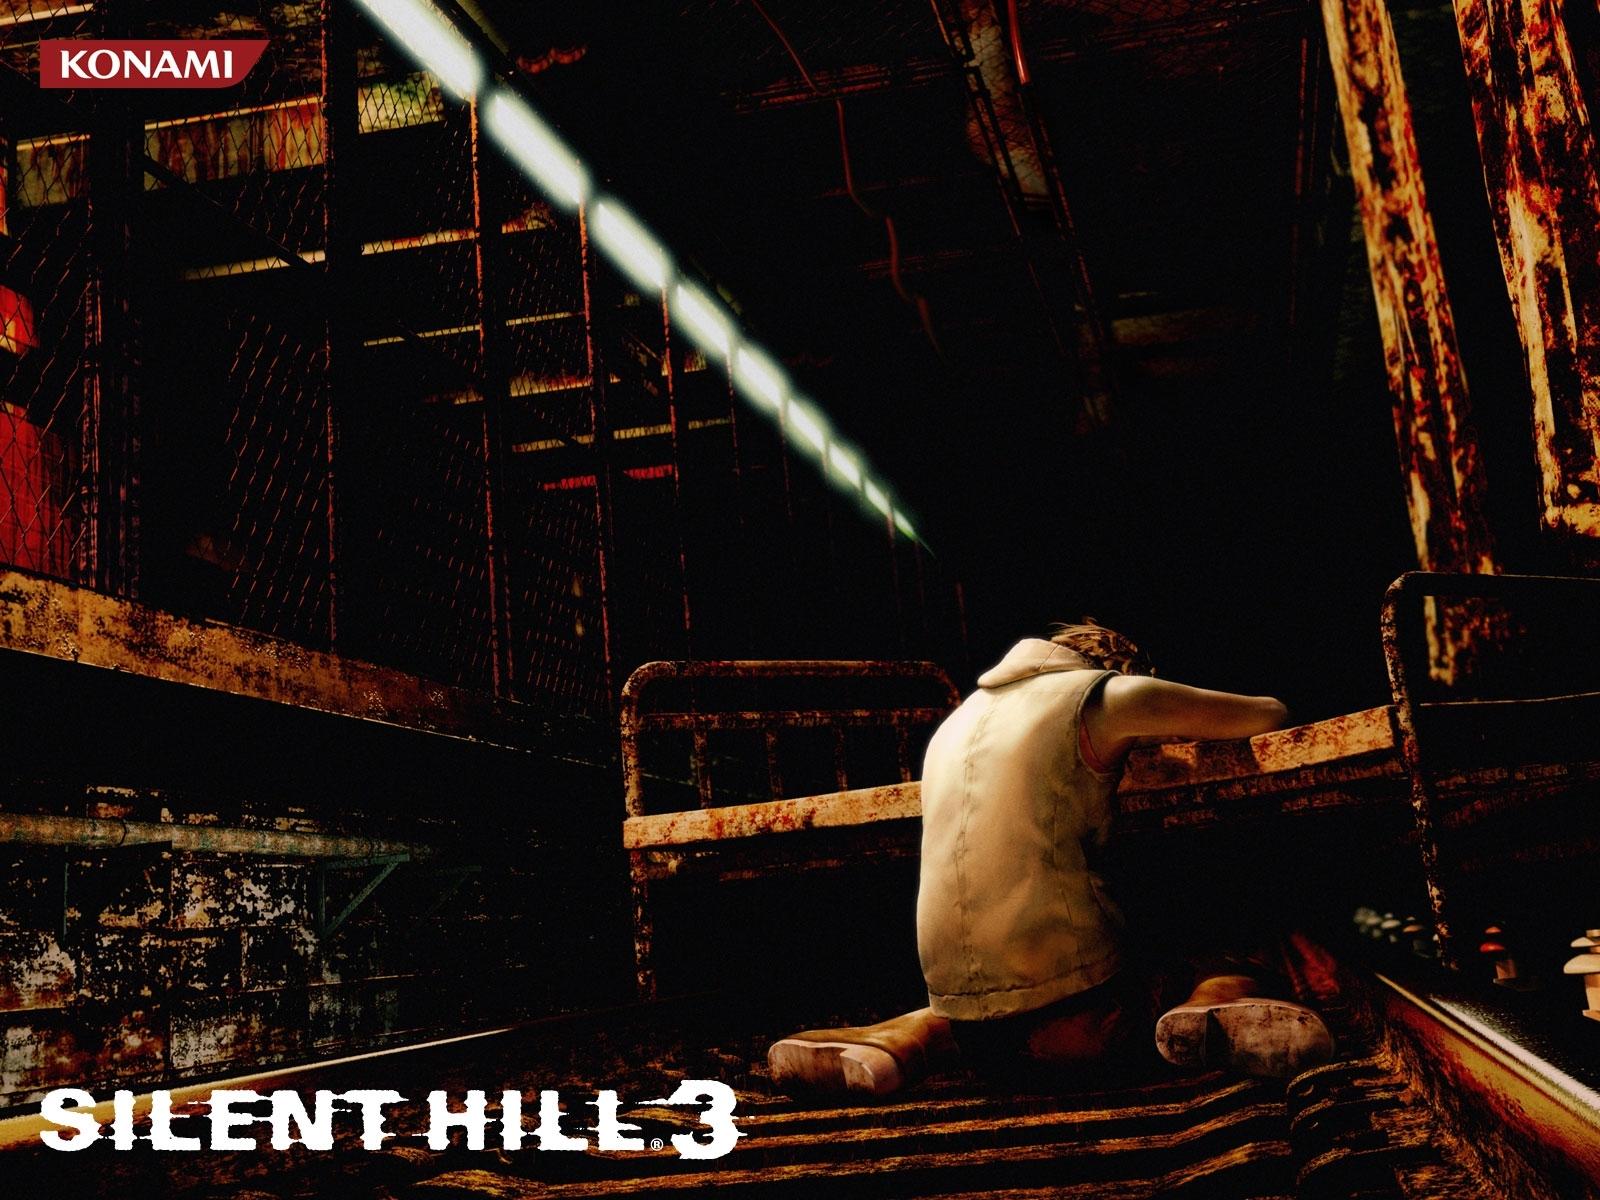 silent hill 3 wallpapers - silent hill memories